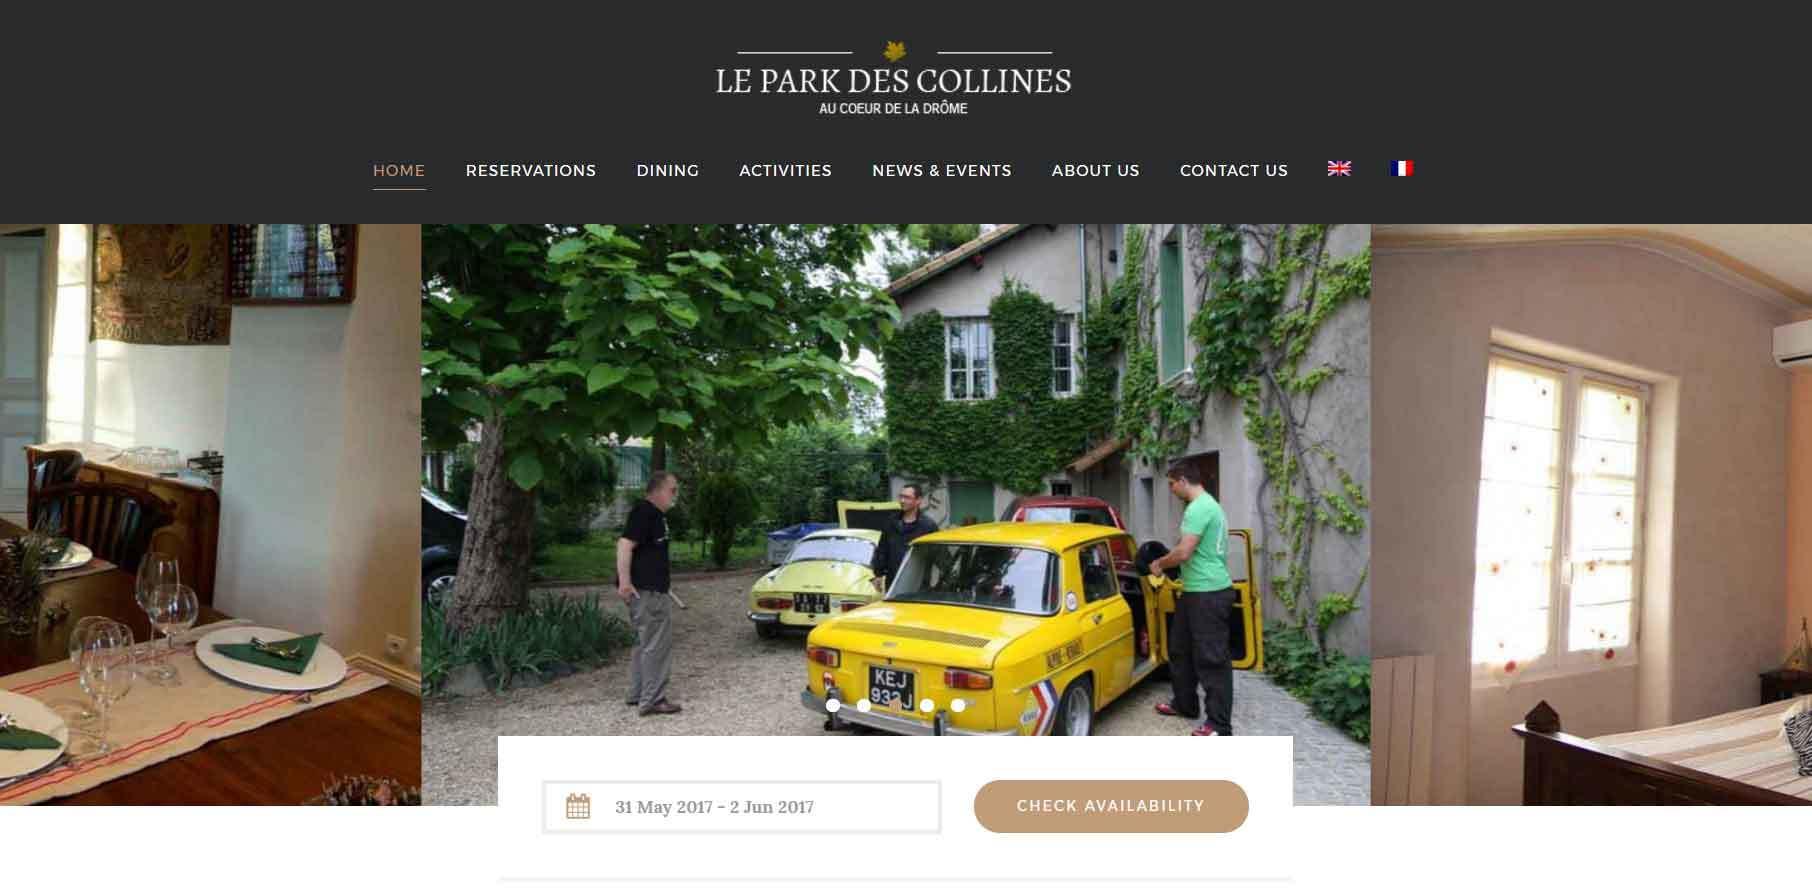 Le Park des Collines, Génissieux in the heart of the Drome Region of France